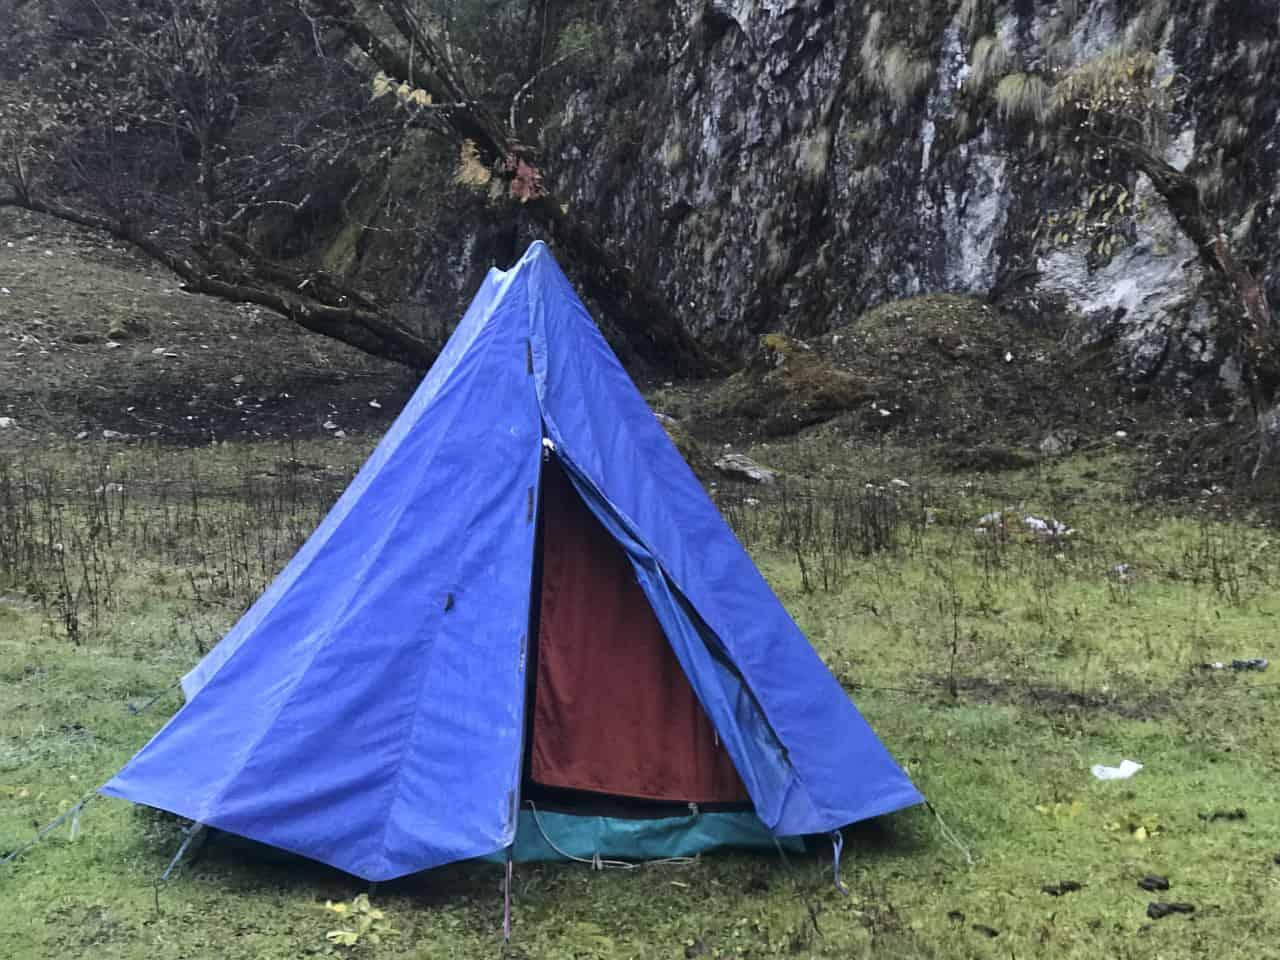 bhutan trek tents